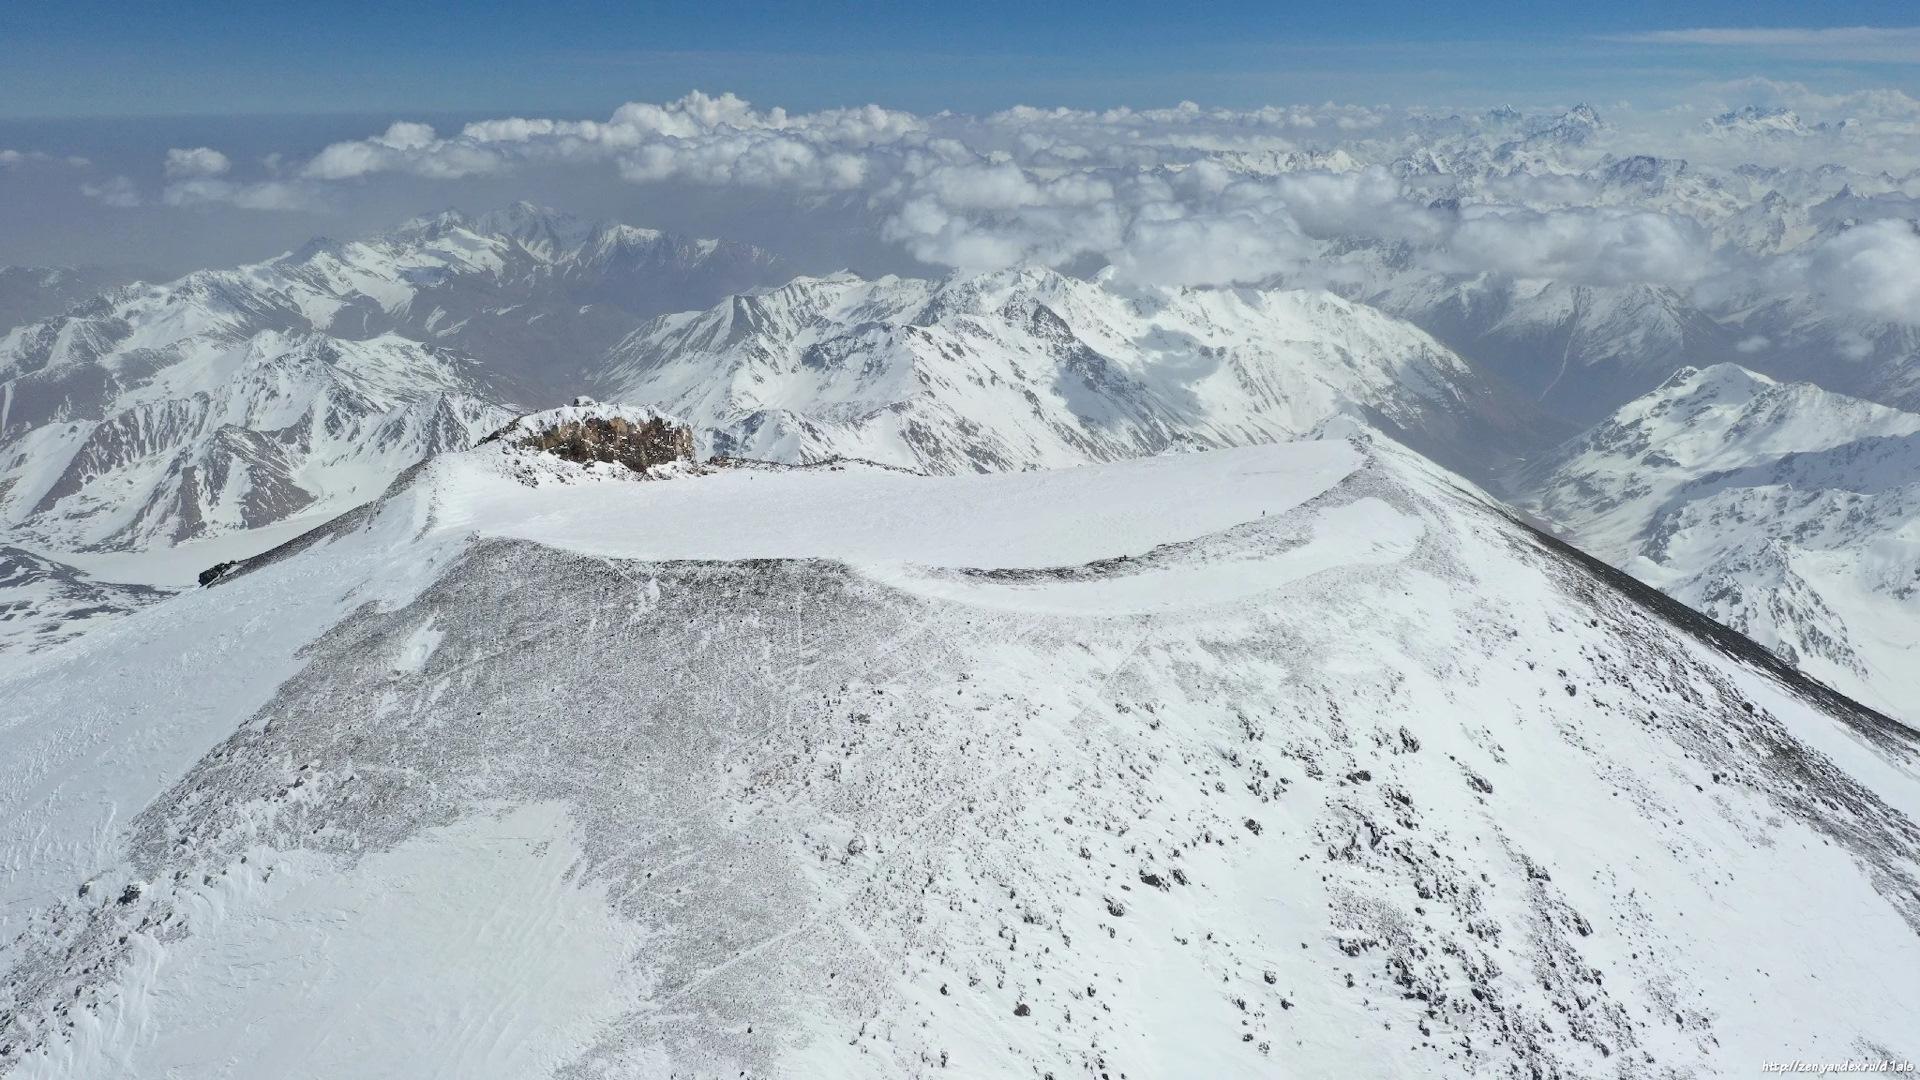 рассматривает скриншот эльбрус фото с высоты сети чаще